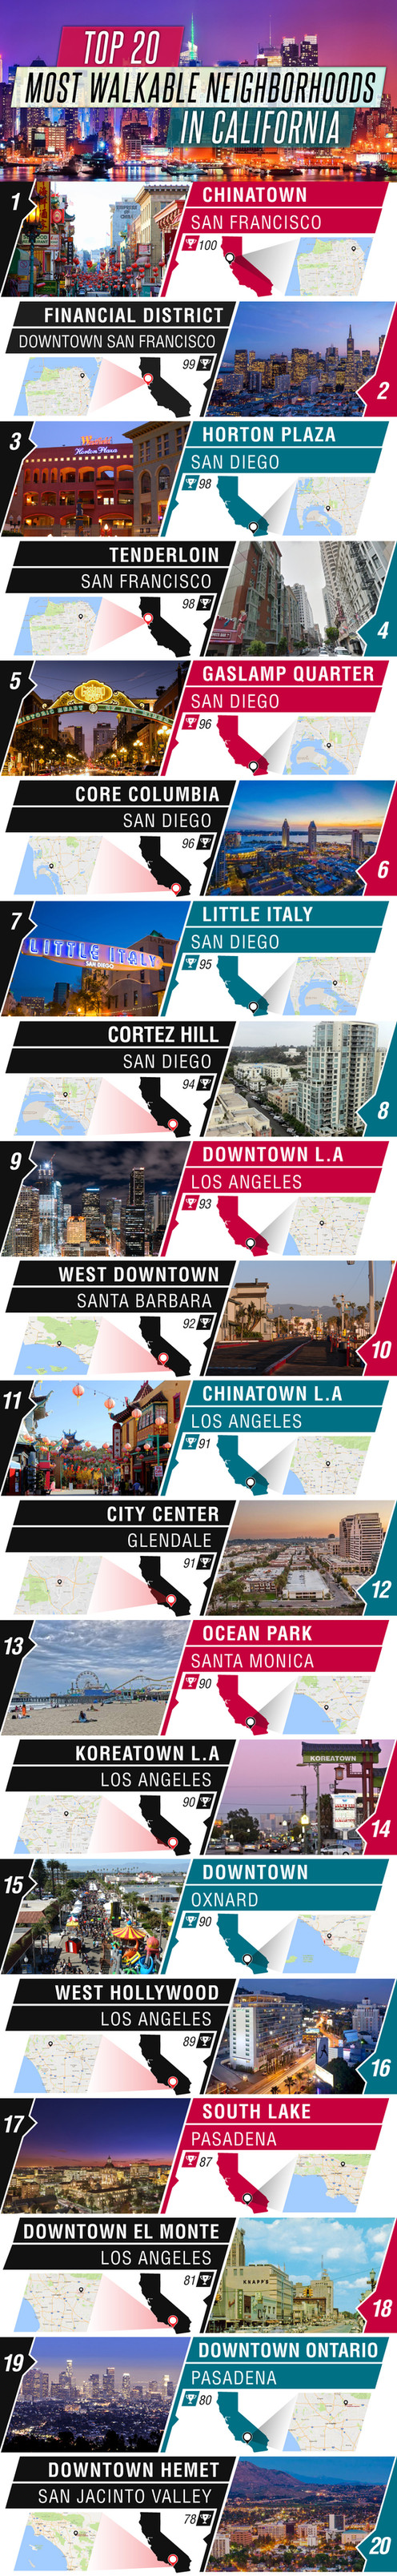 Top 20 Most Walkable Neighborhoods in California